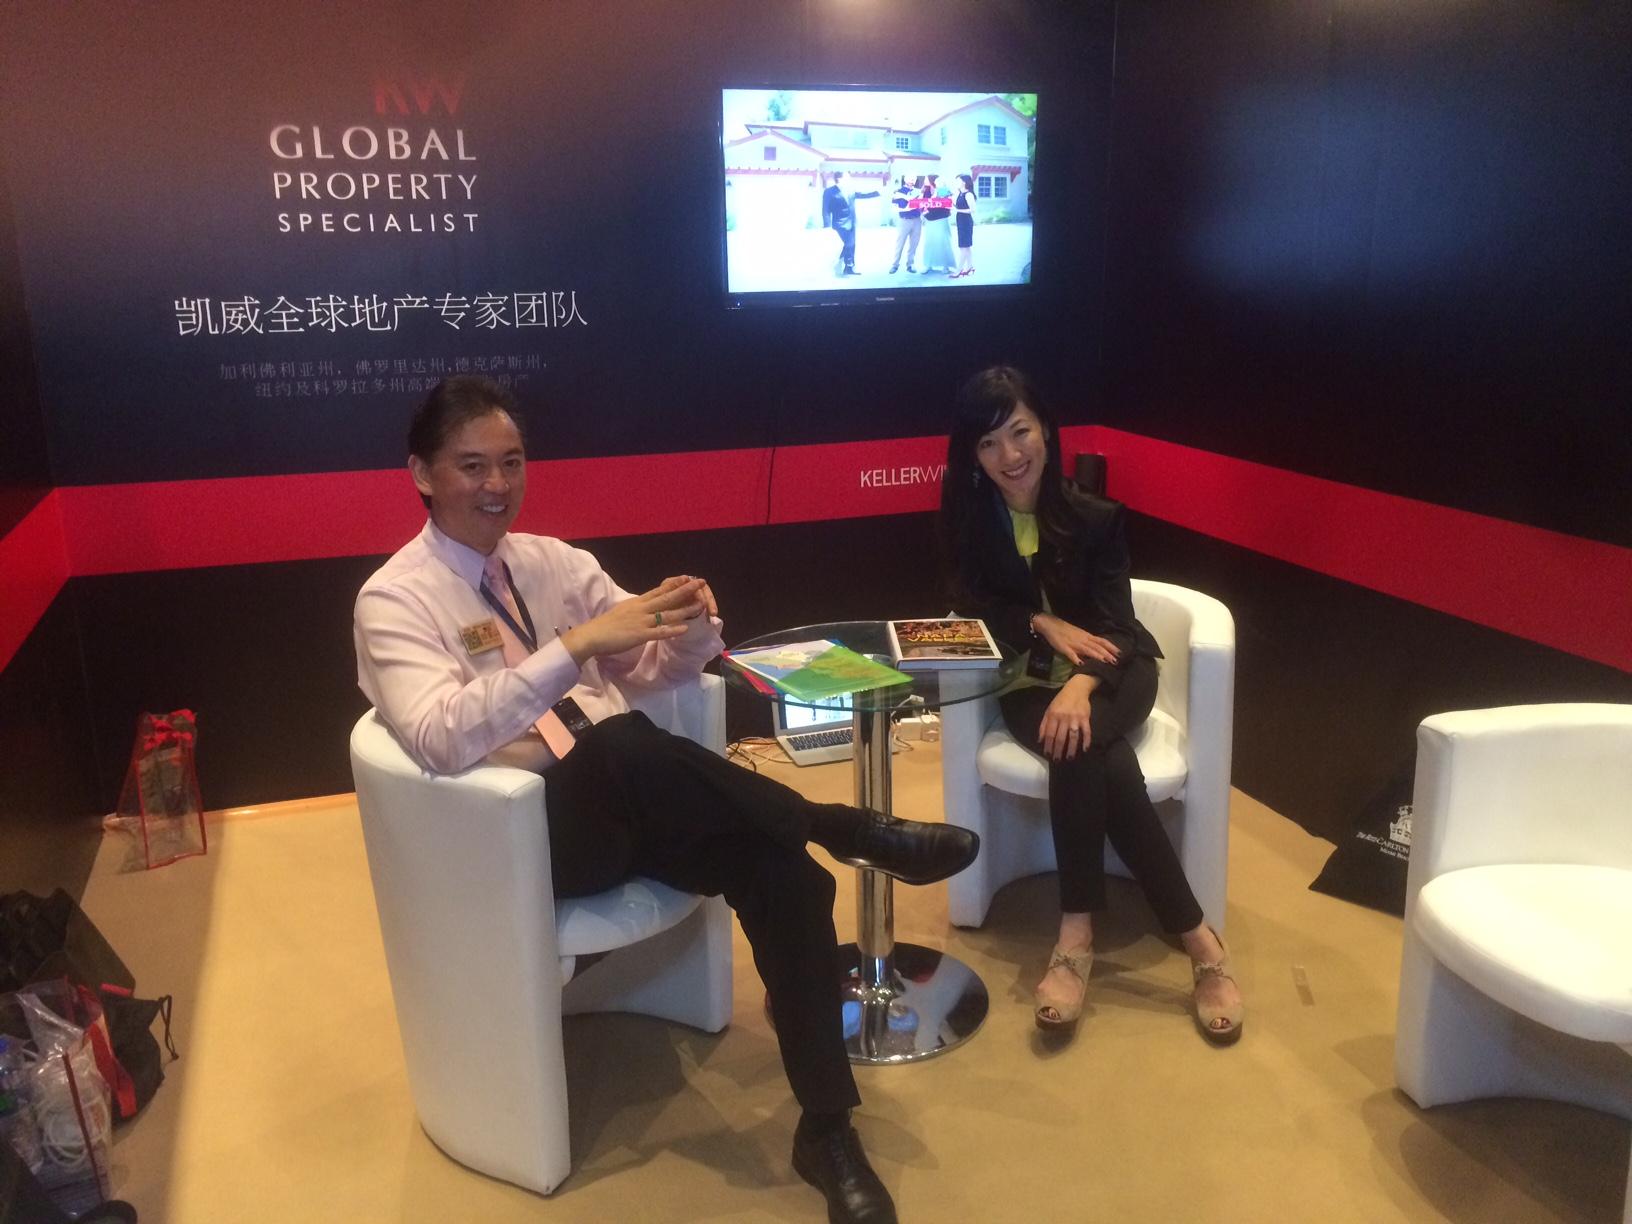 王迈克和他的太太佩琪在广州国际高端房产盛会上。